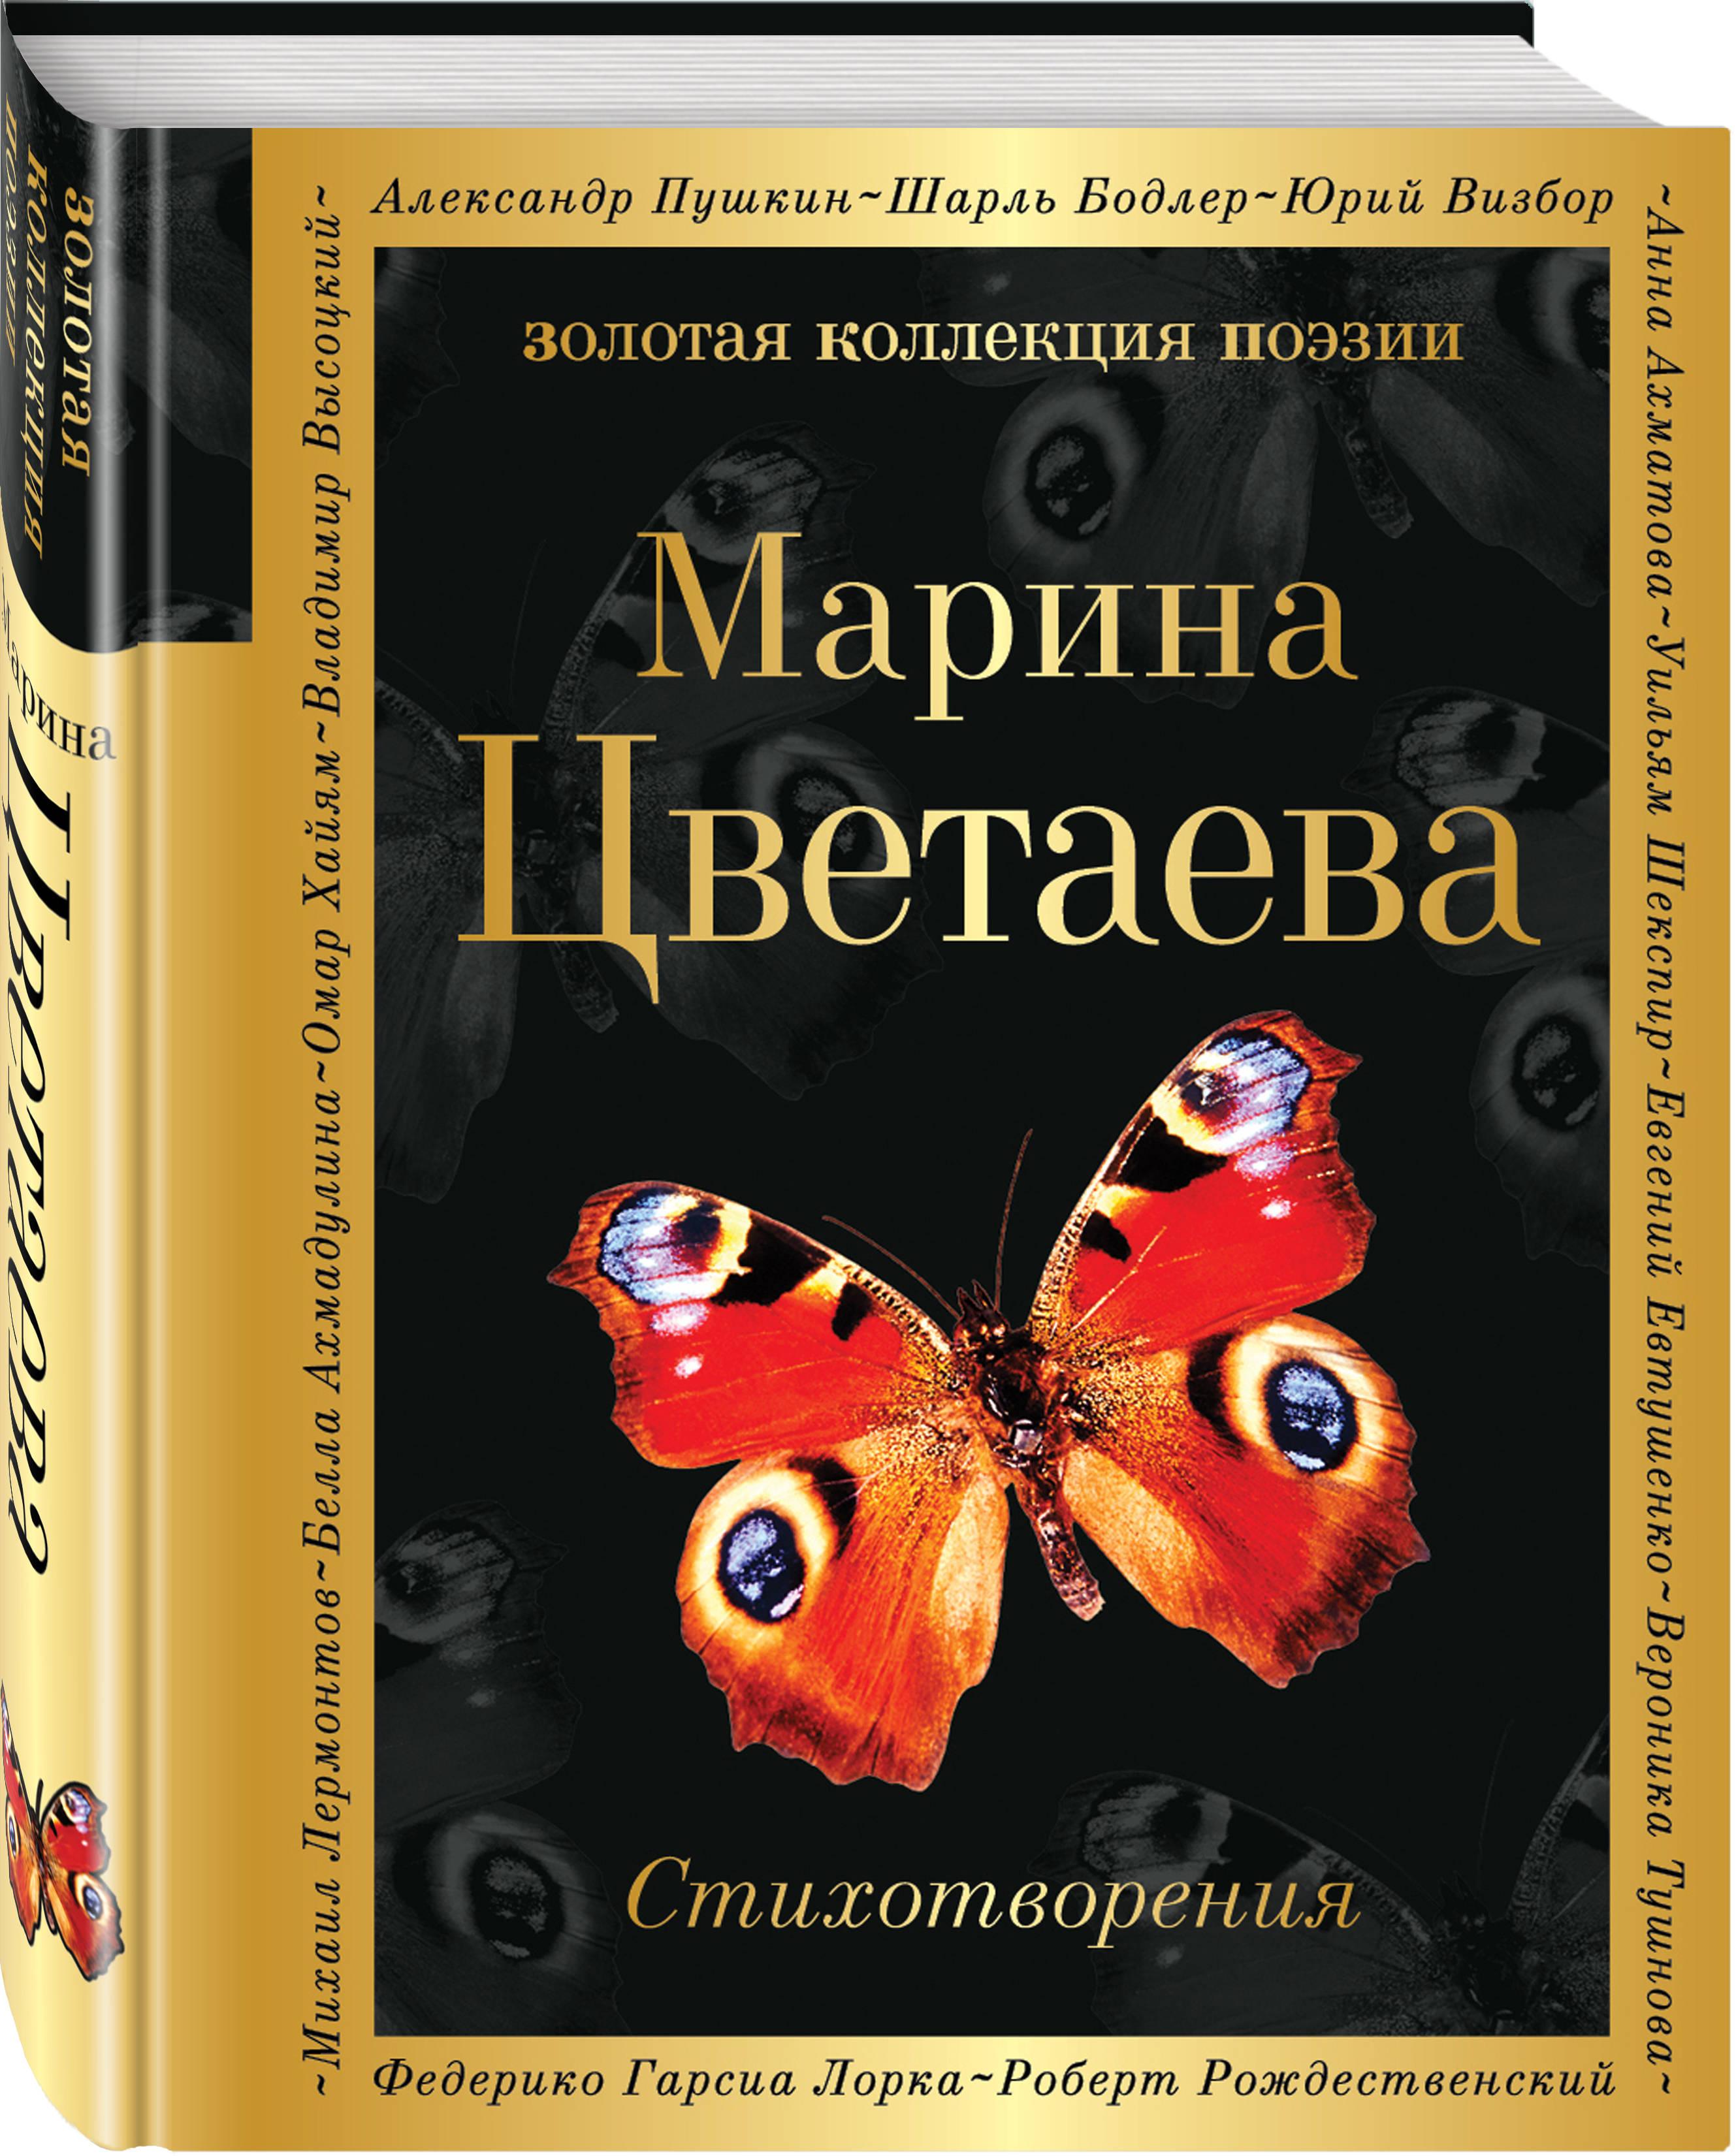 Марина Цветаева Стихотворения шевченко т думы мои думы… кобзарь избранные стихотворения и поэмы